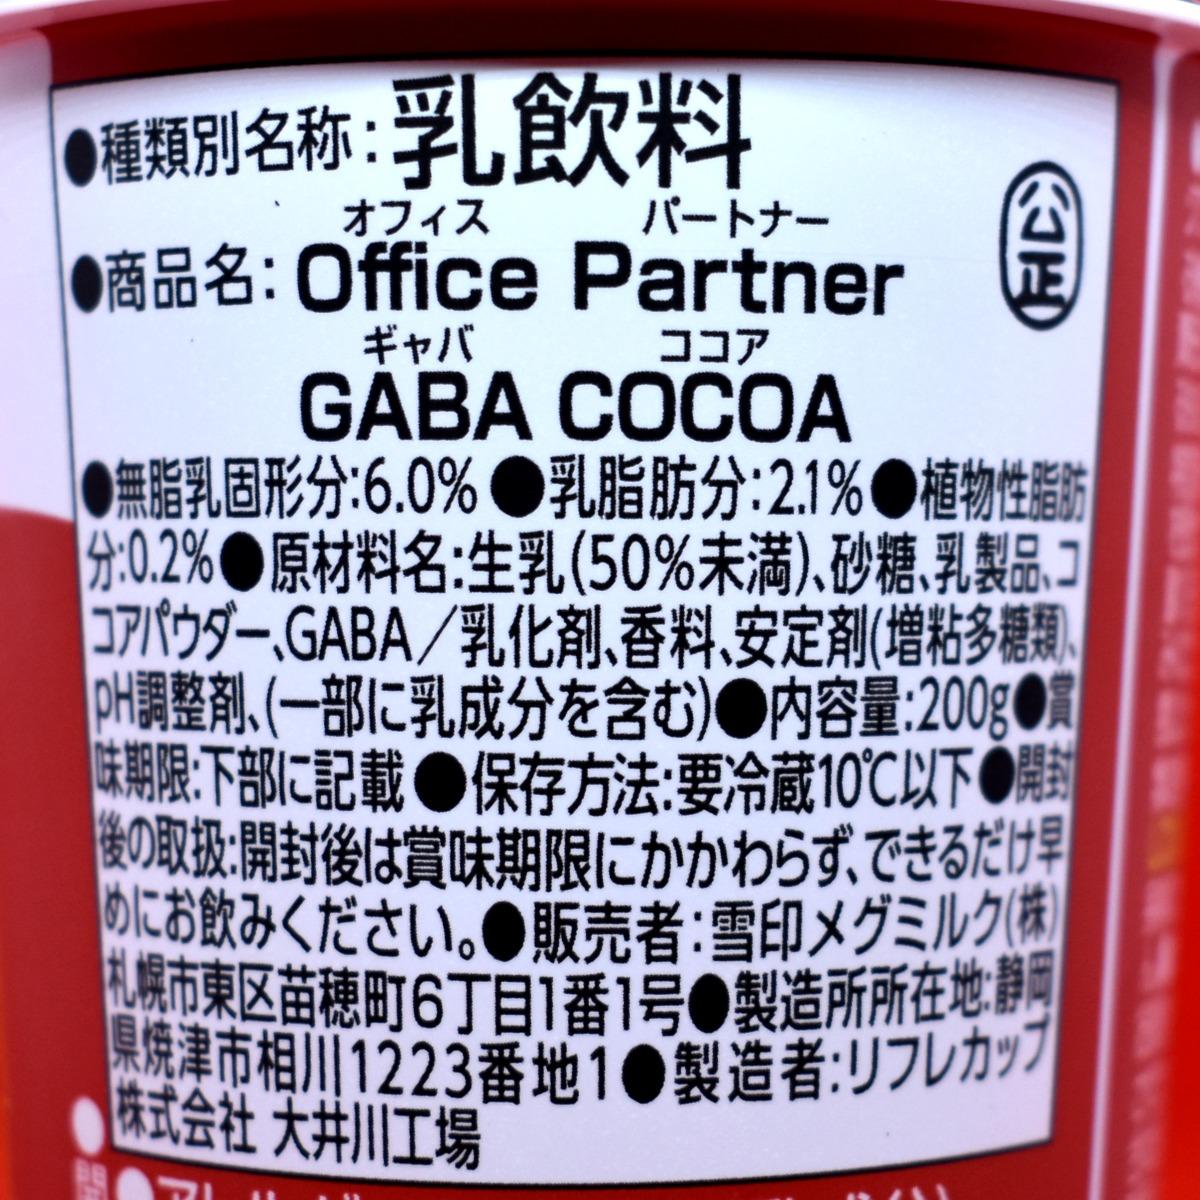 Office Partner GABA COCOA(オフィス パートナー ギャバ ココア)の原材料名